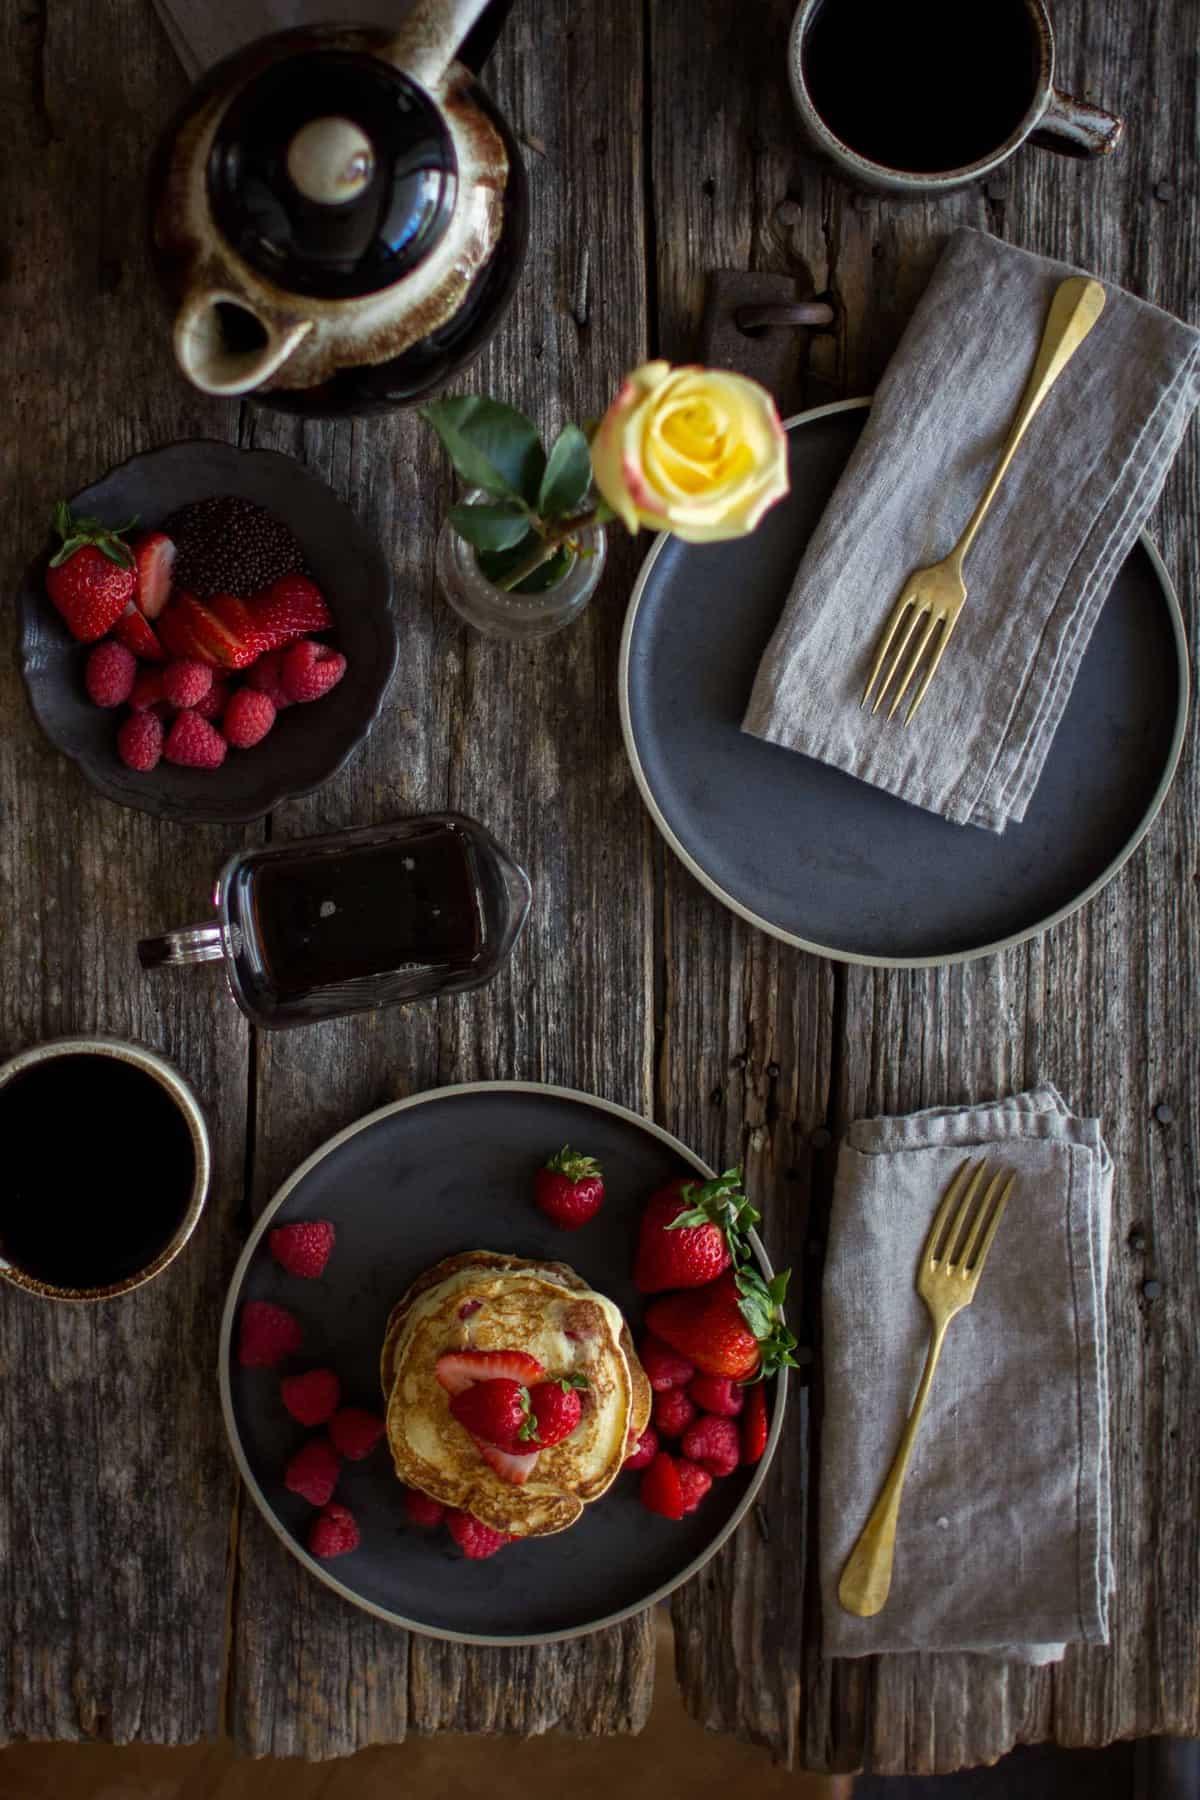 Mixed Berry Ricotta Pancakes by @beardandbonnet on www.beardandbonnet.com